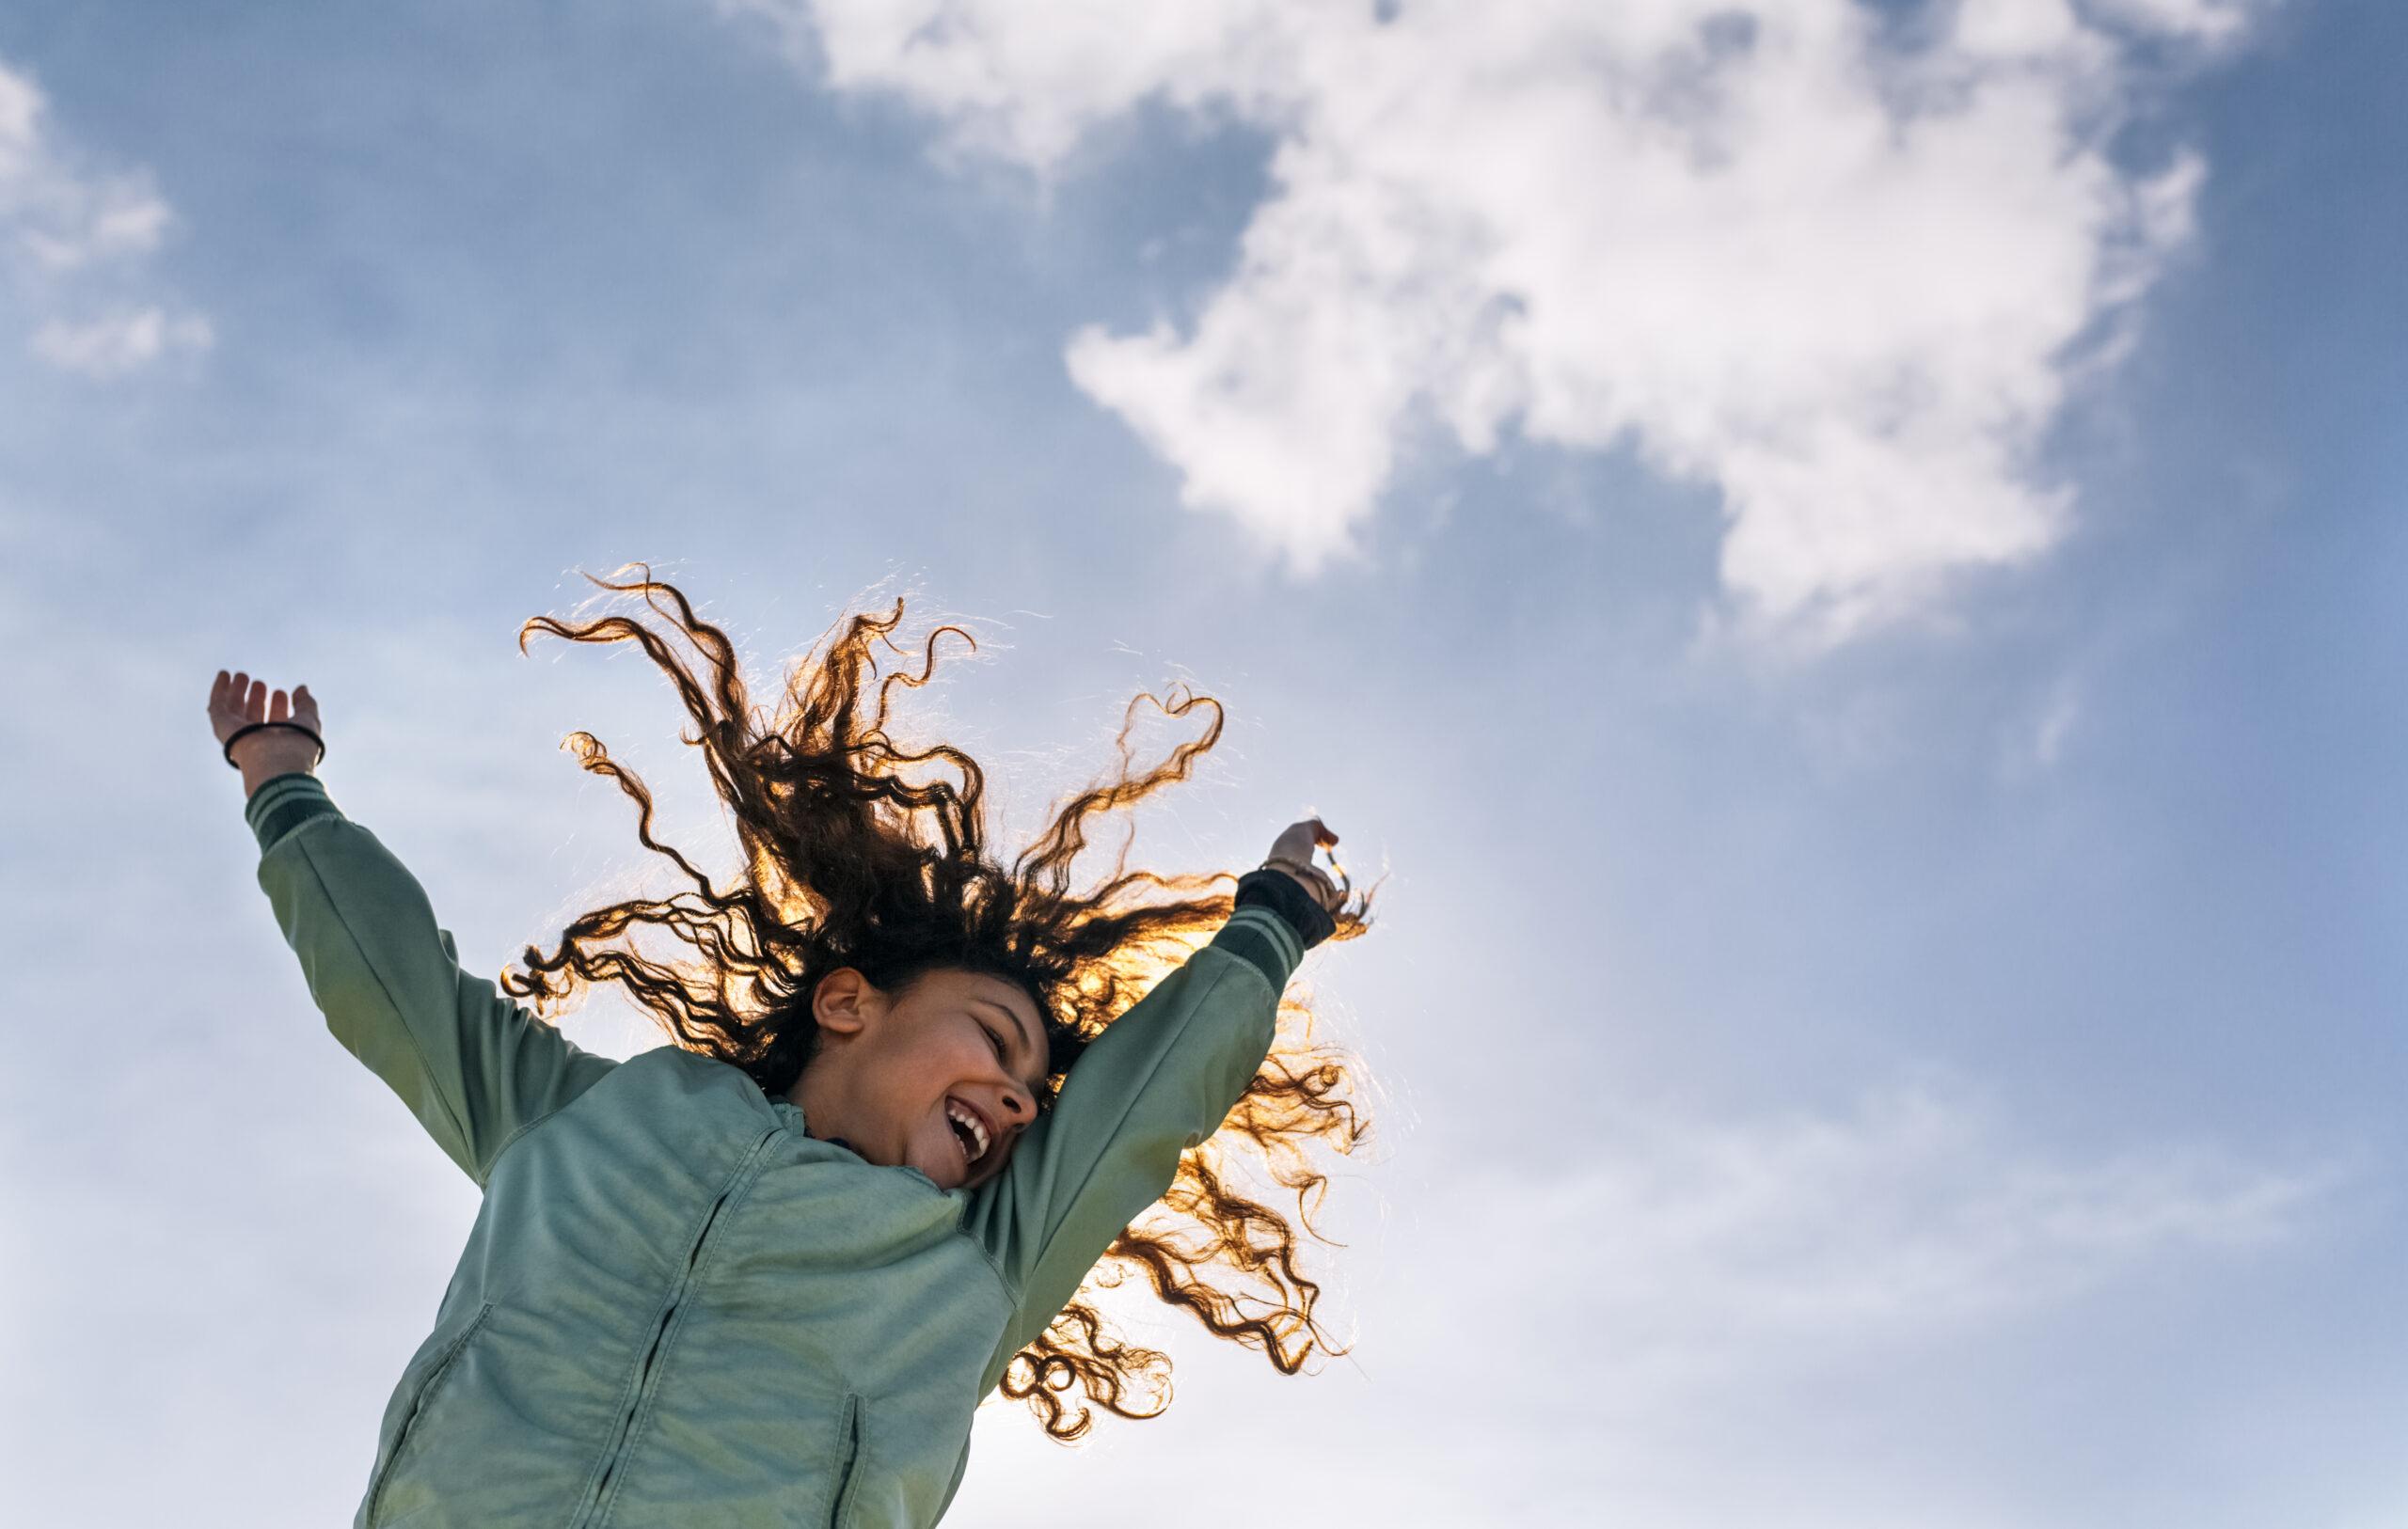 glad, tjej, flicka, sträcka, sträcker, armar, luft, seger, 707443891